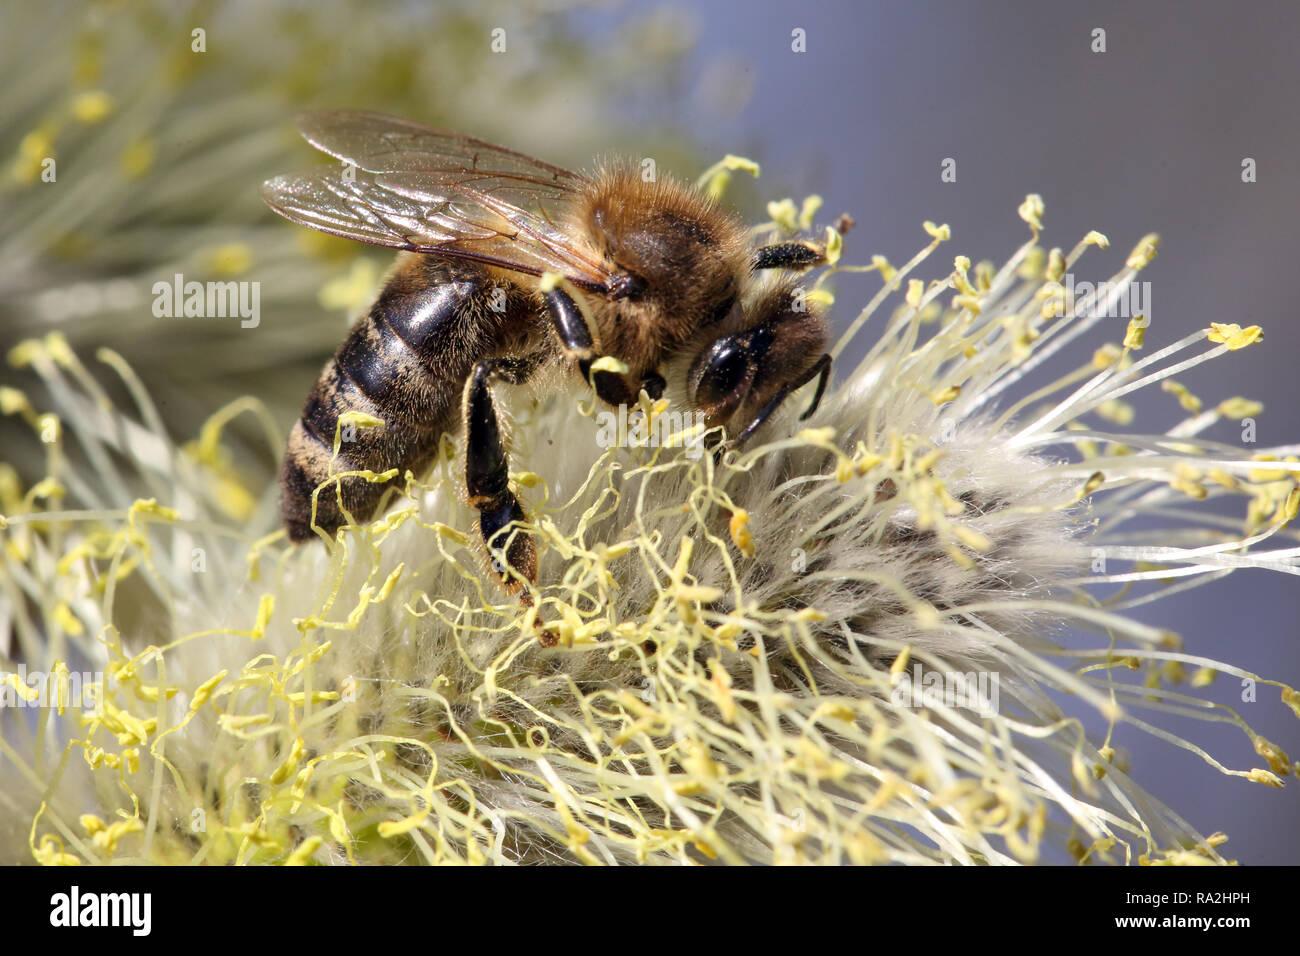 08.04.2018, Brandenburg, Briescht, Deutschland, Europaeische Honigbiene sammelt Nektar aus einem bluehenden Weidenkaetzchen der Salweide. 00S180408D27 Stock Photo